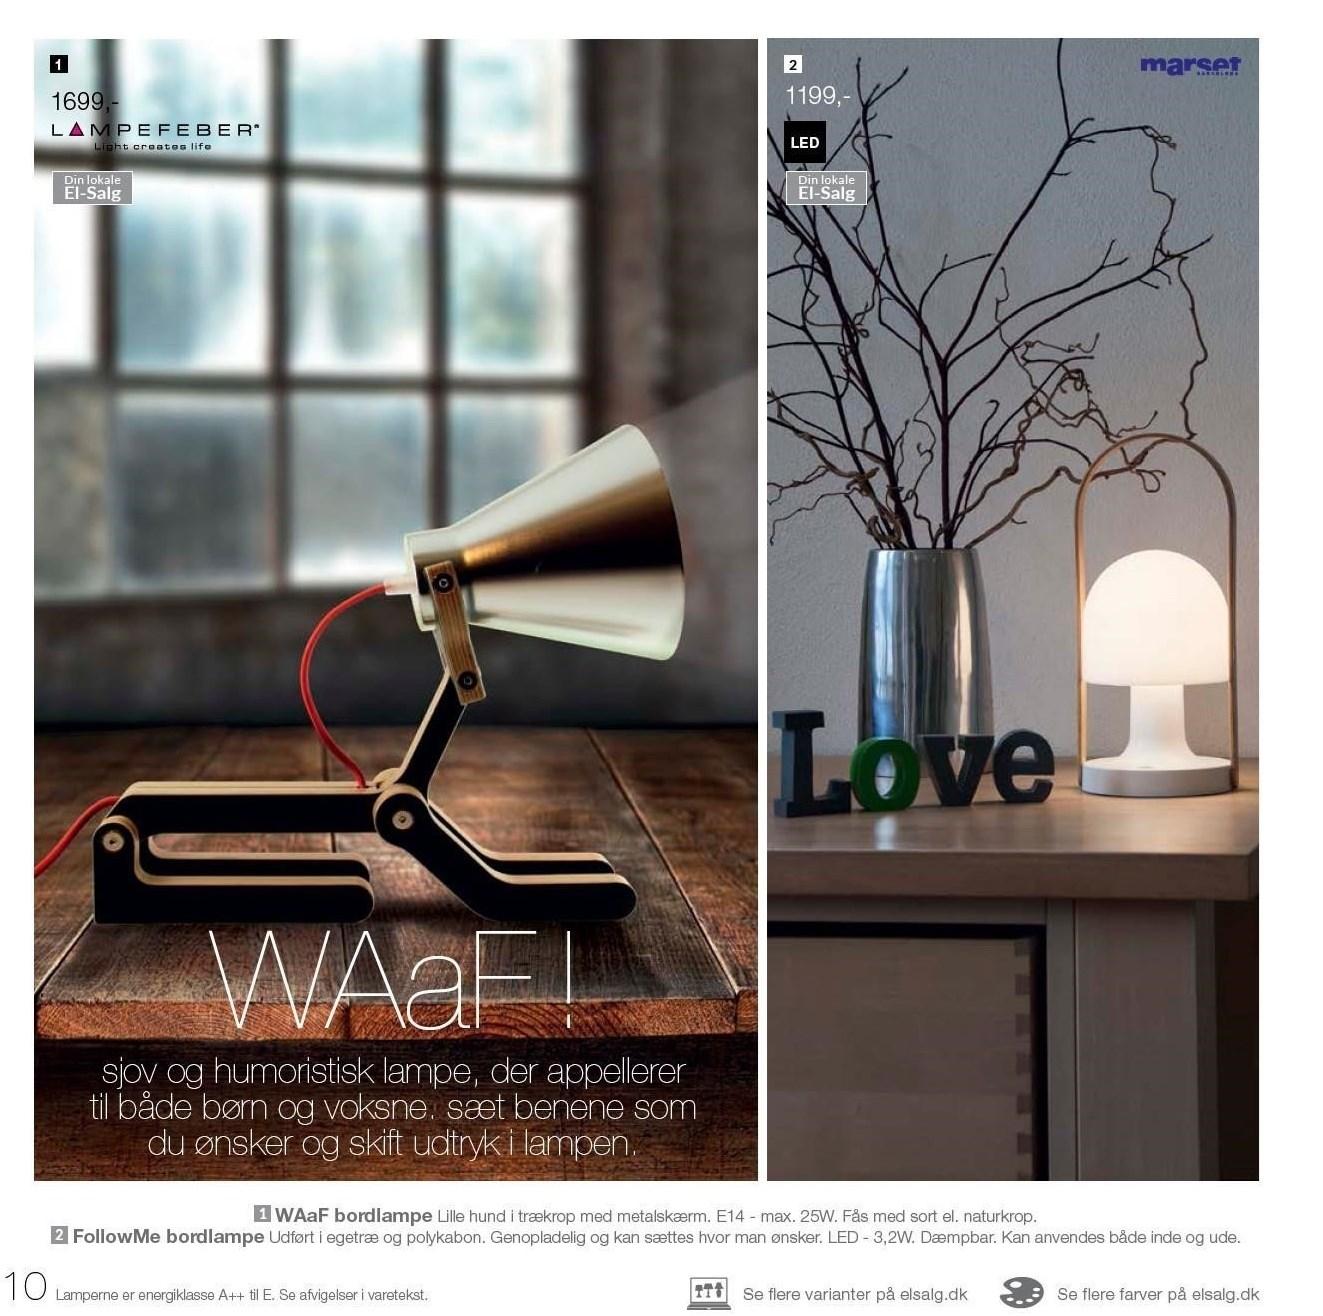 FollowMe eller WAaF bordlampe